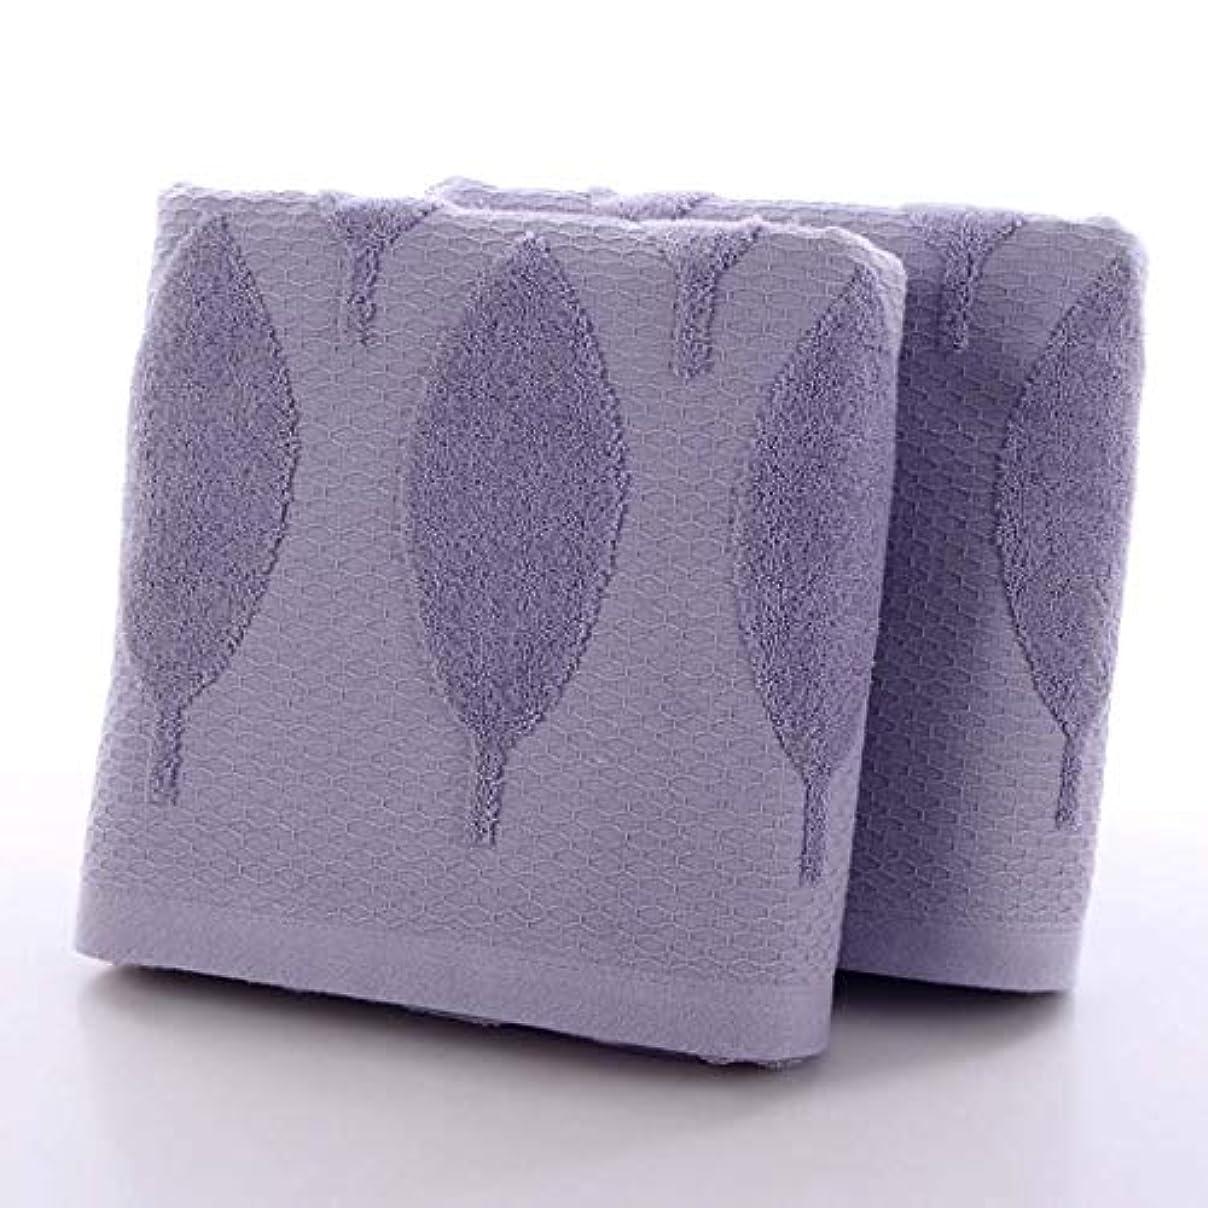 損傷フックパドル柔らかい快適な綿のハンドタオルの速い乾燥したタオル,Blue,35*75cm